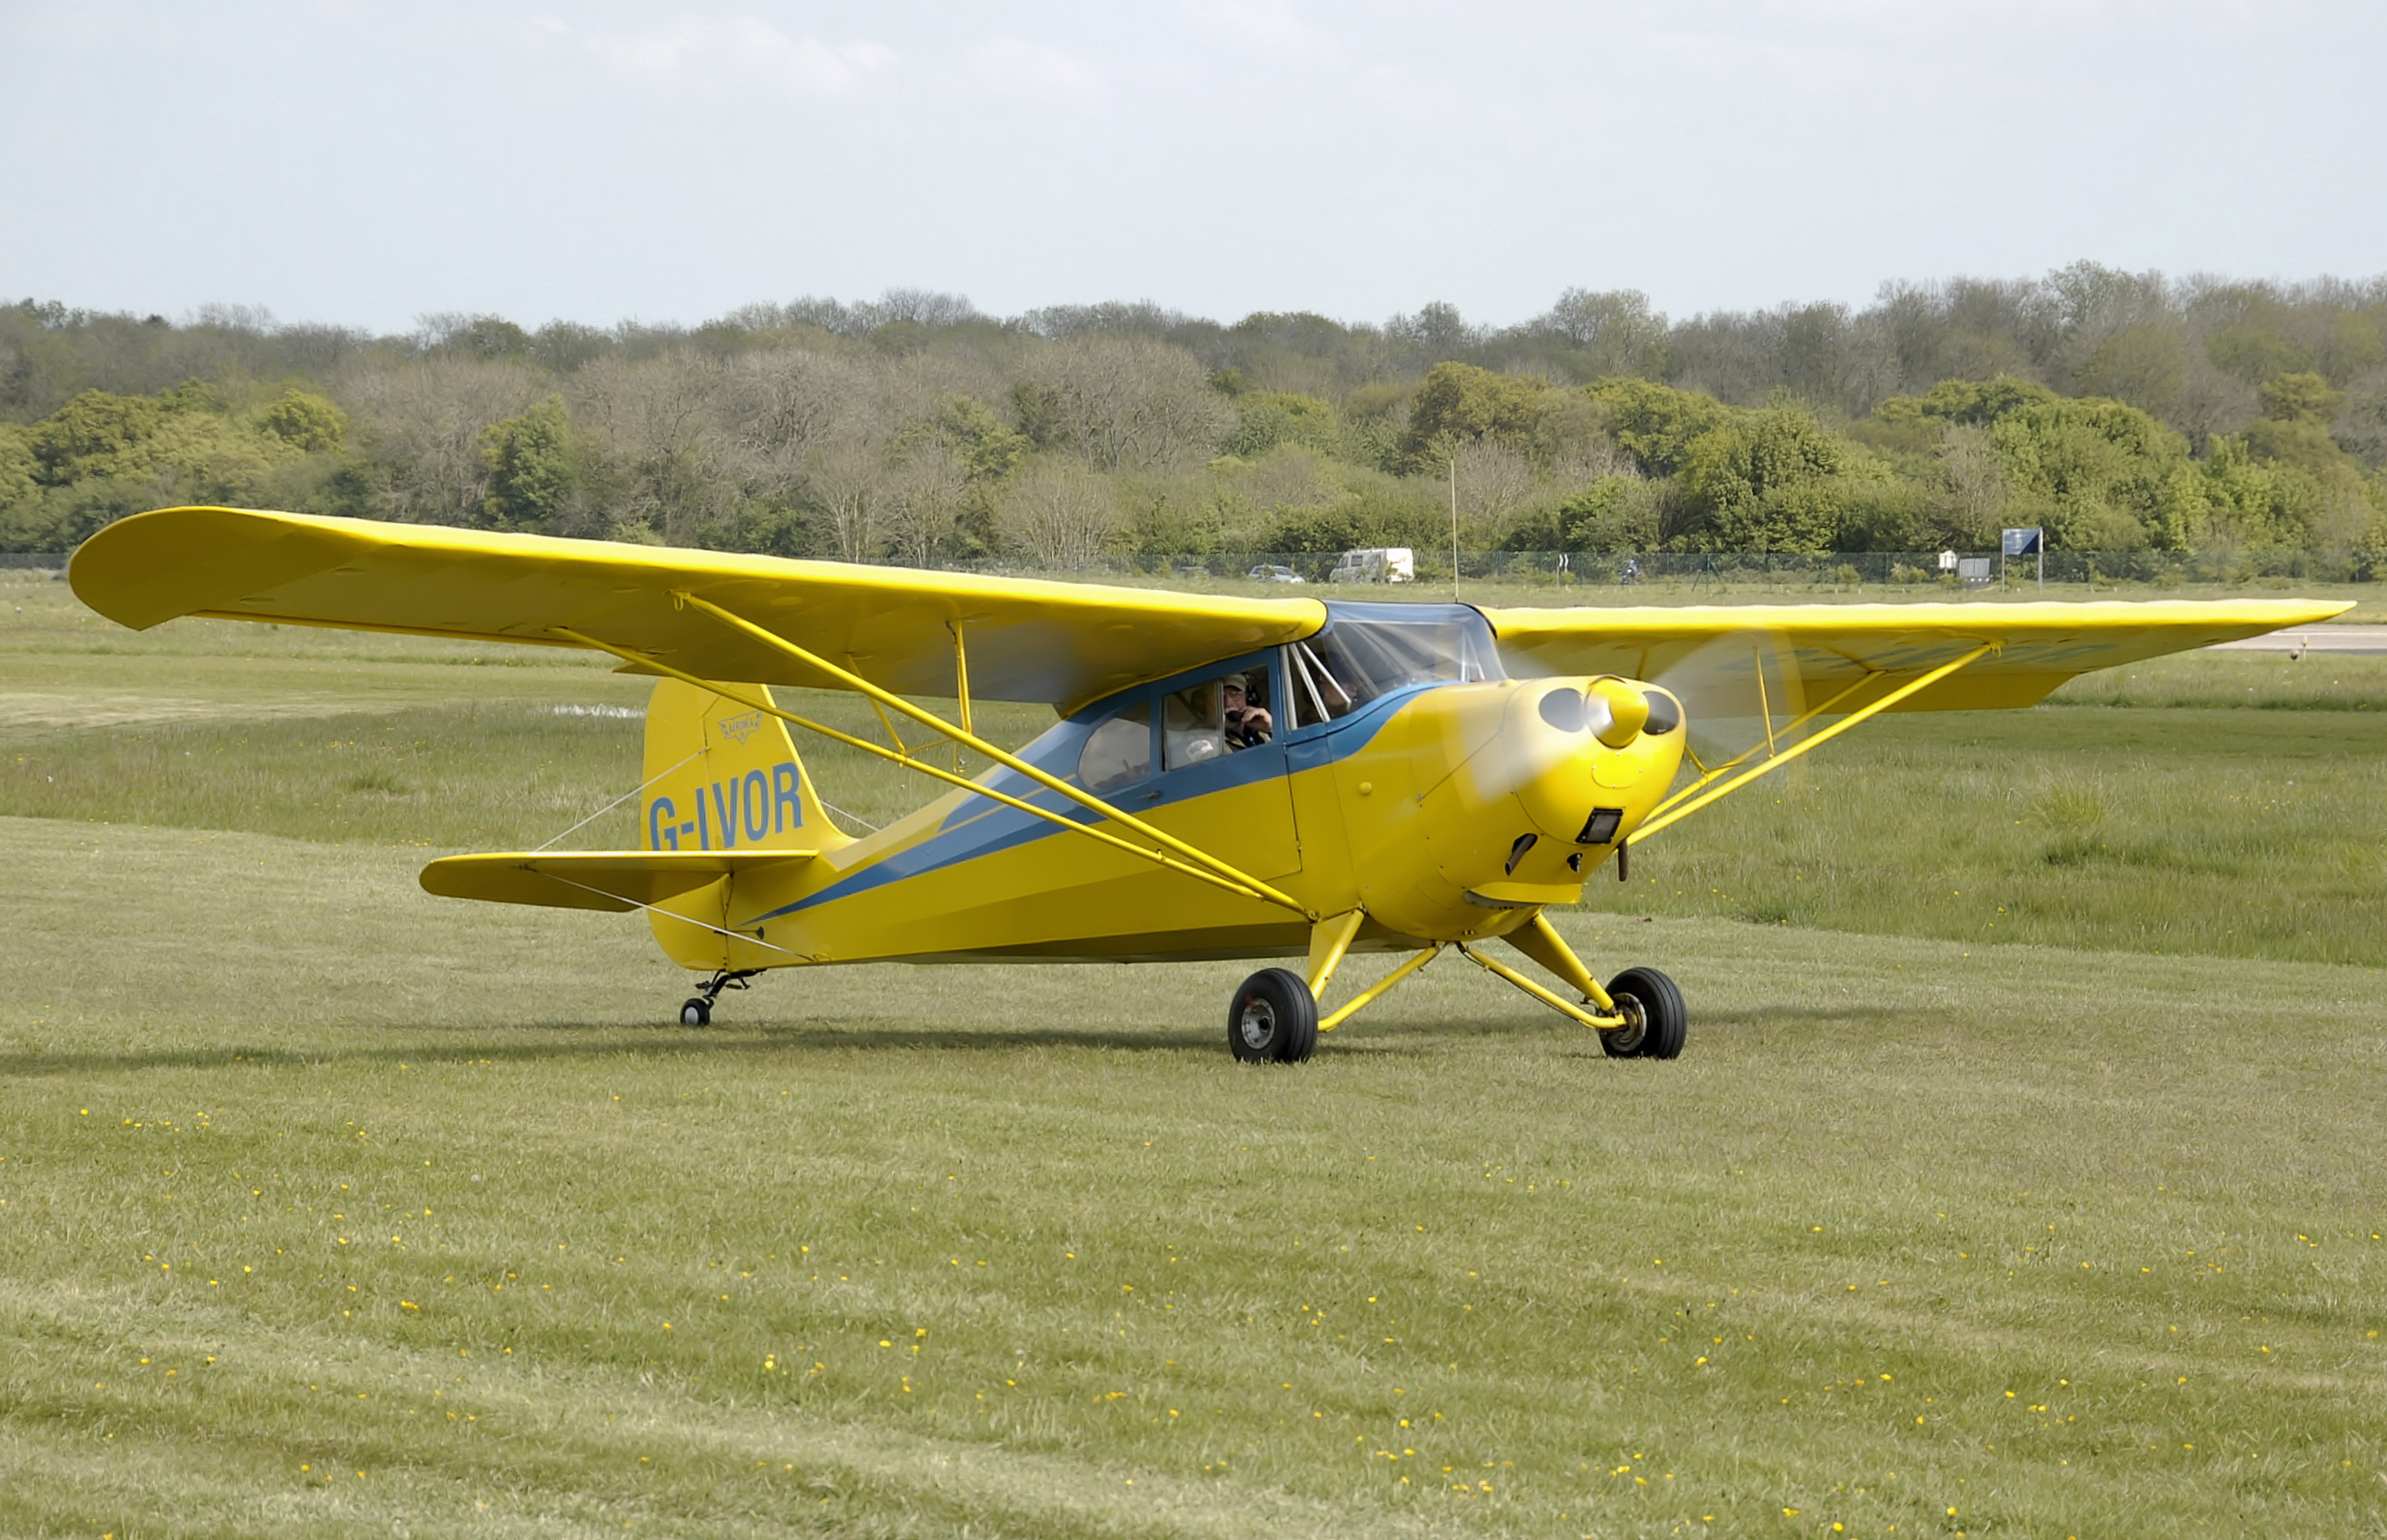 Aeronca 11 Chief - Wikipedia, la enciclopedia libre